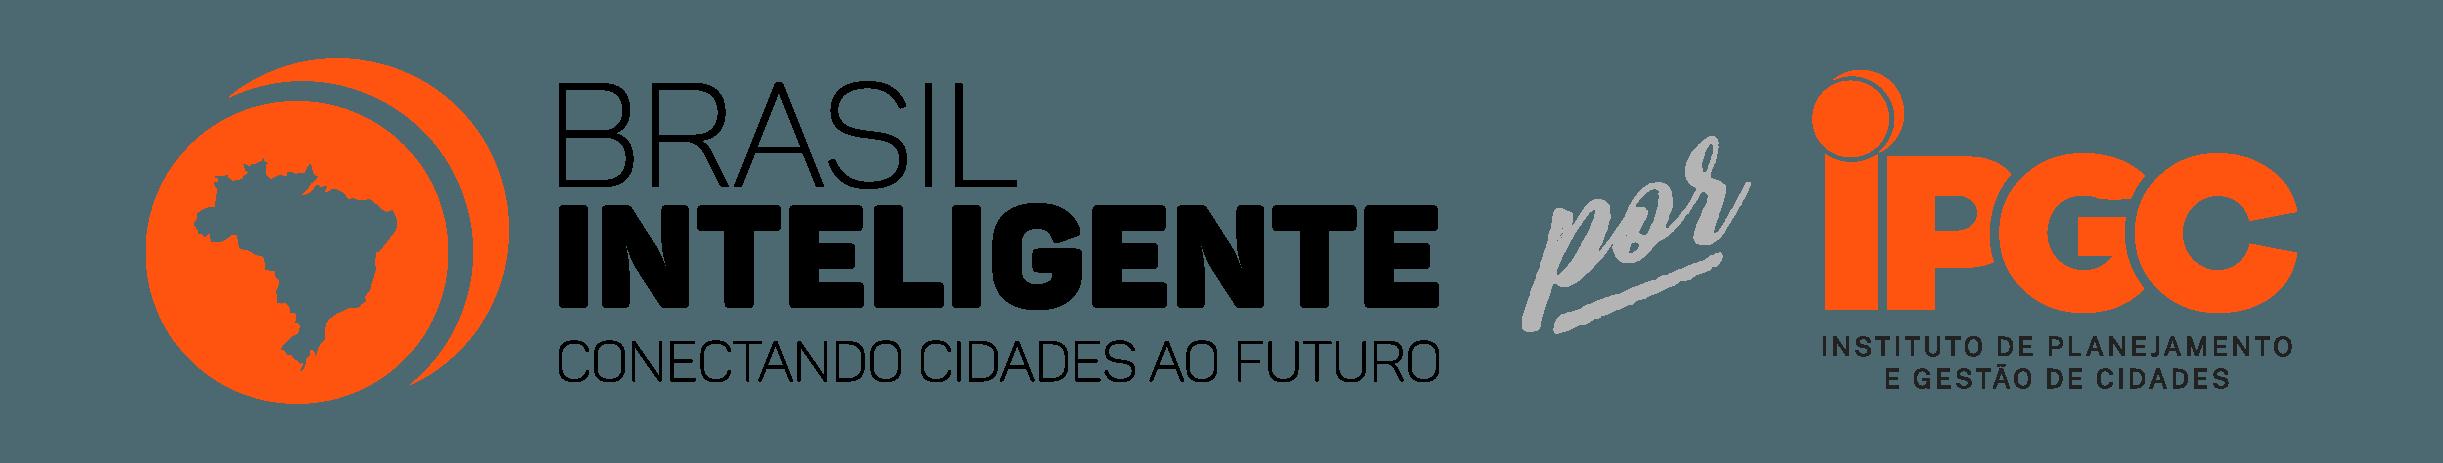 Brasil Inteligente por IPGC